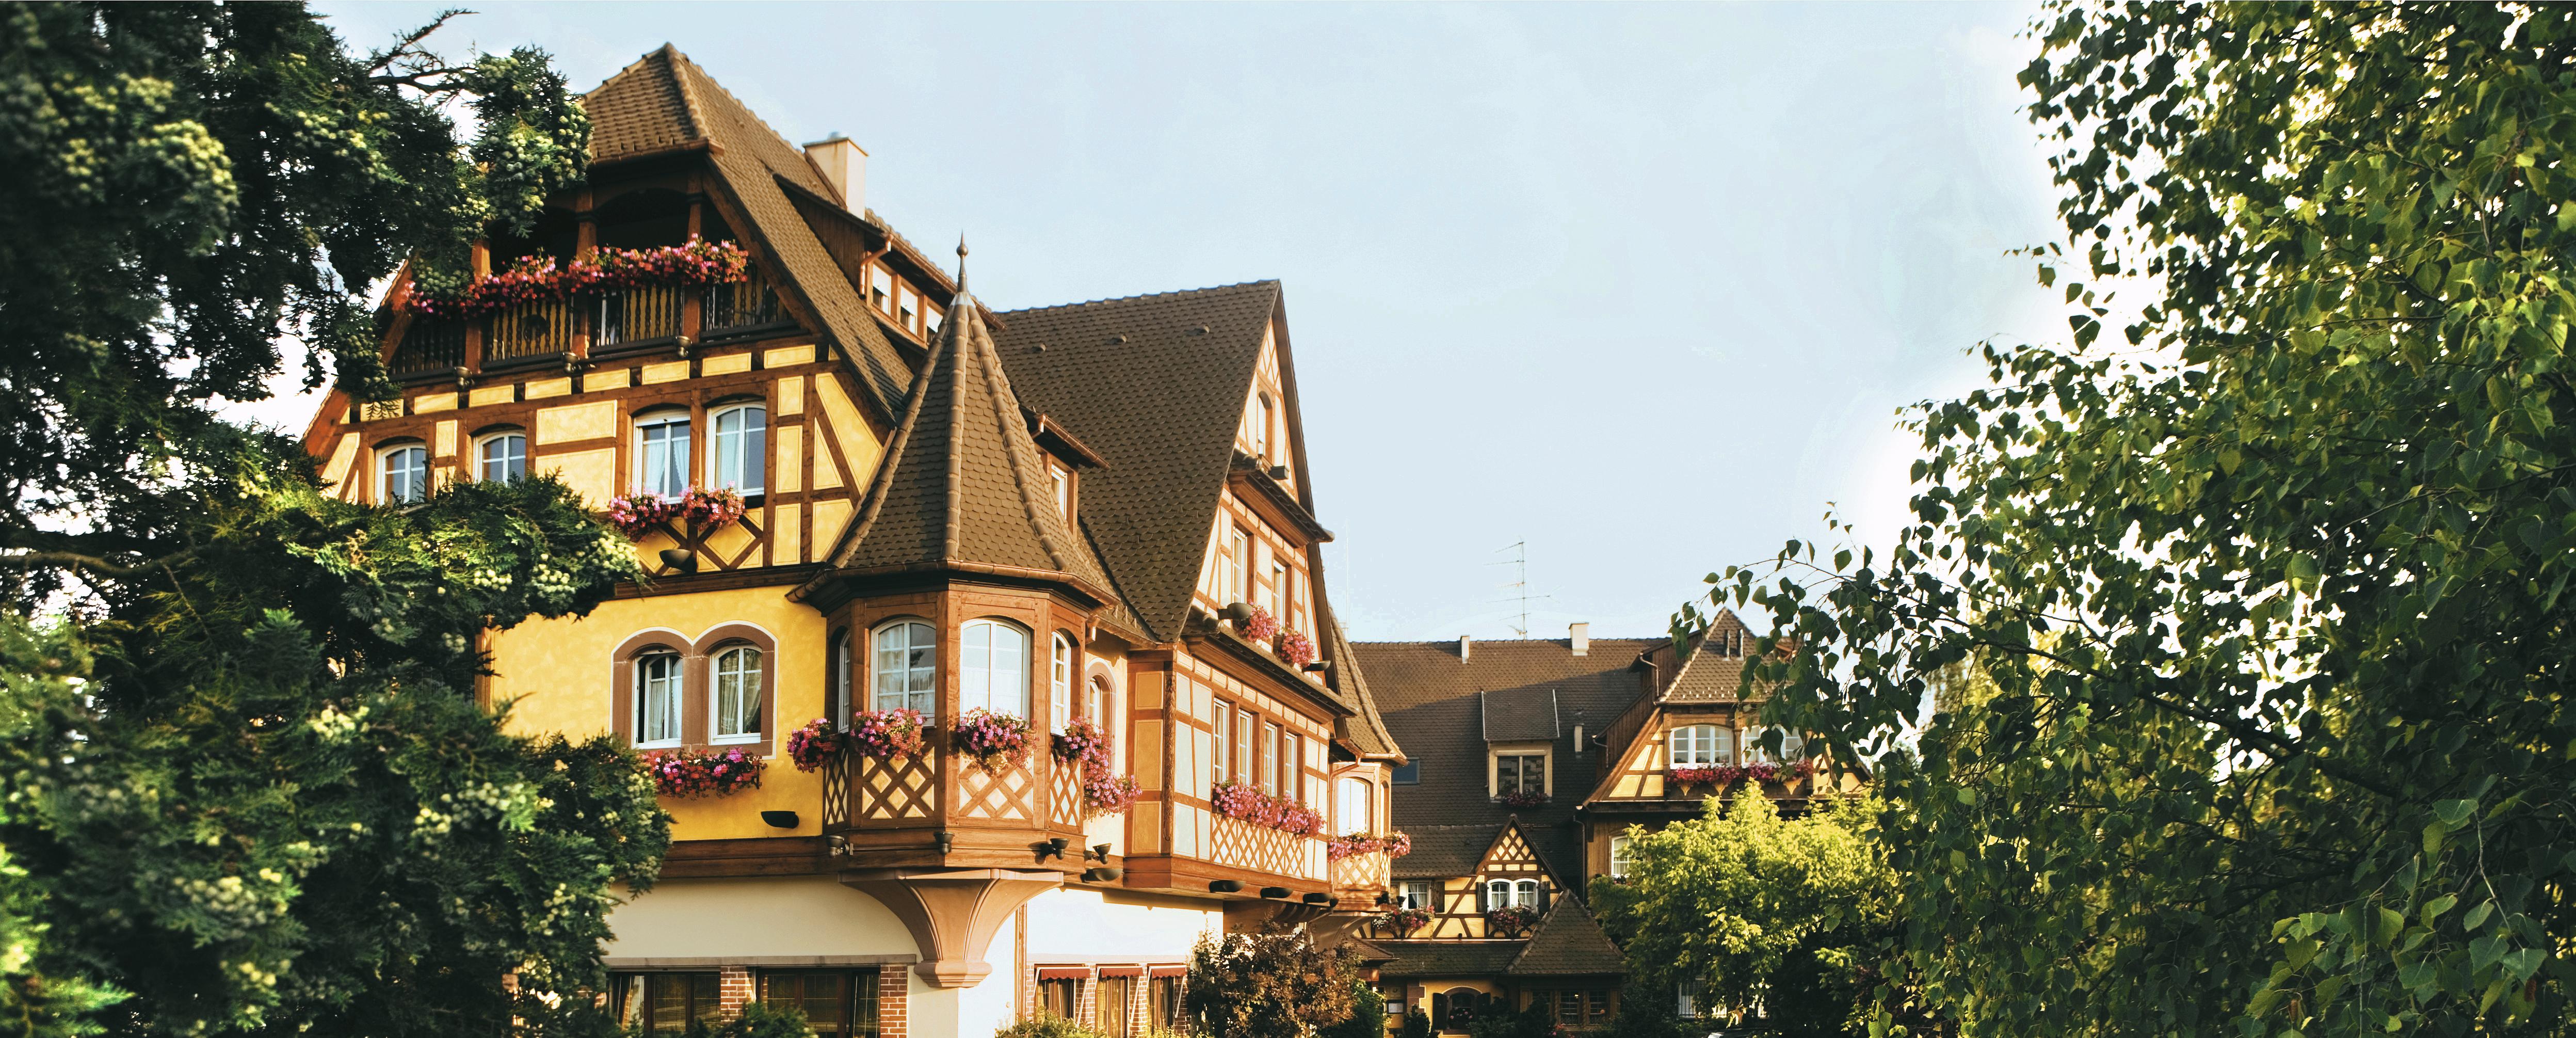 Tasty Life Magazine lifestyle équilibré palace spa hotel alsace obernai wucher séjour concept route des vins colombages vue de l'hôtel